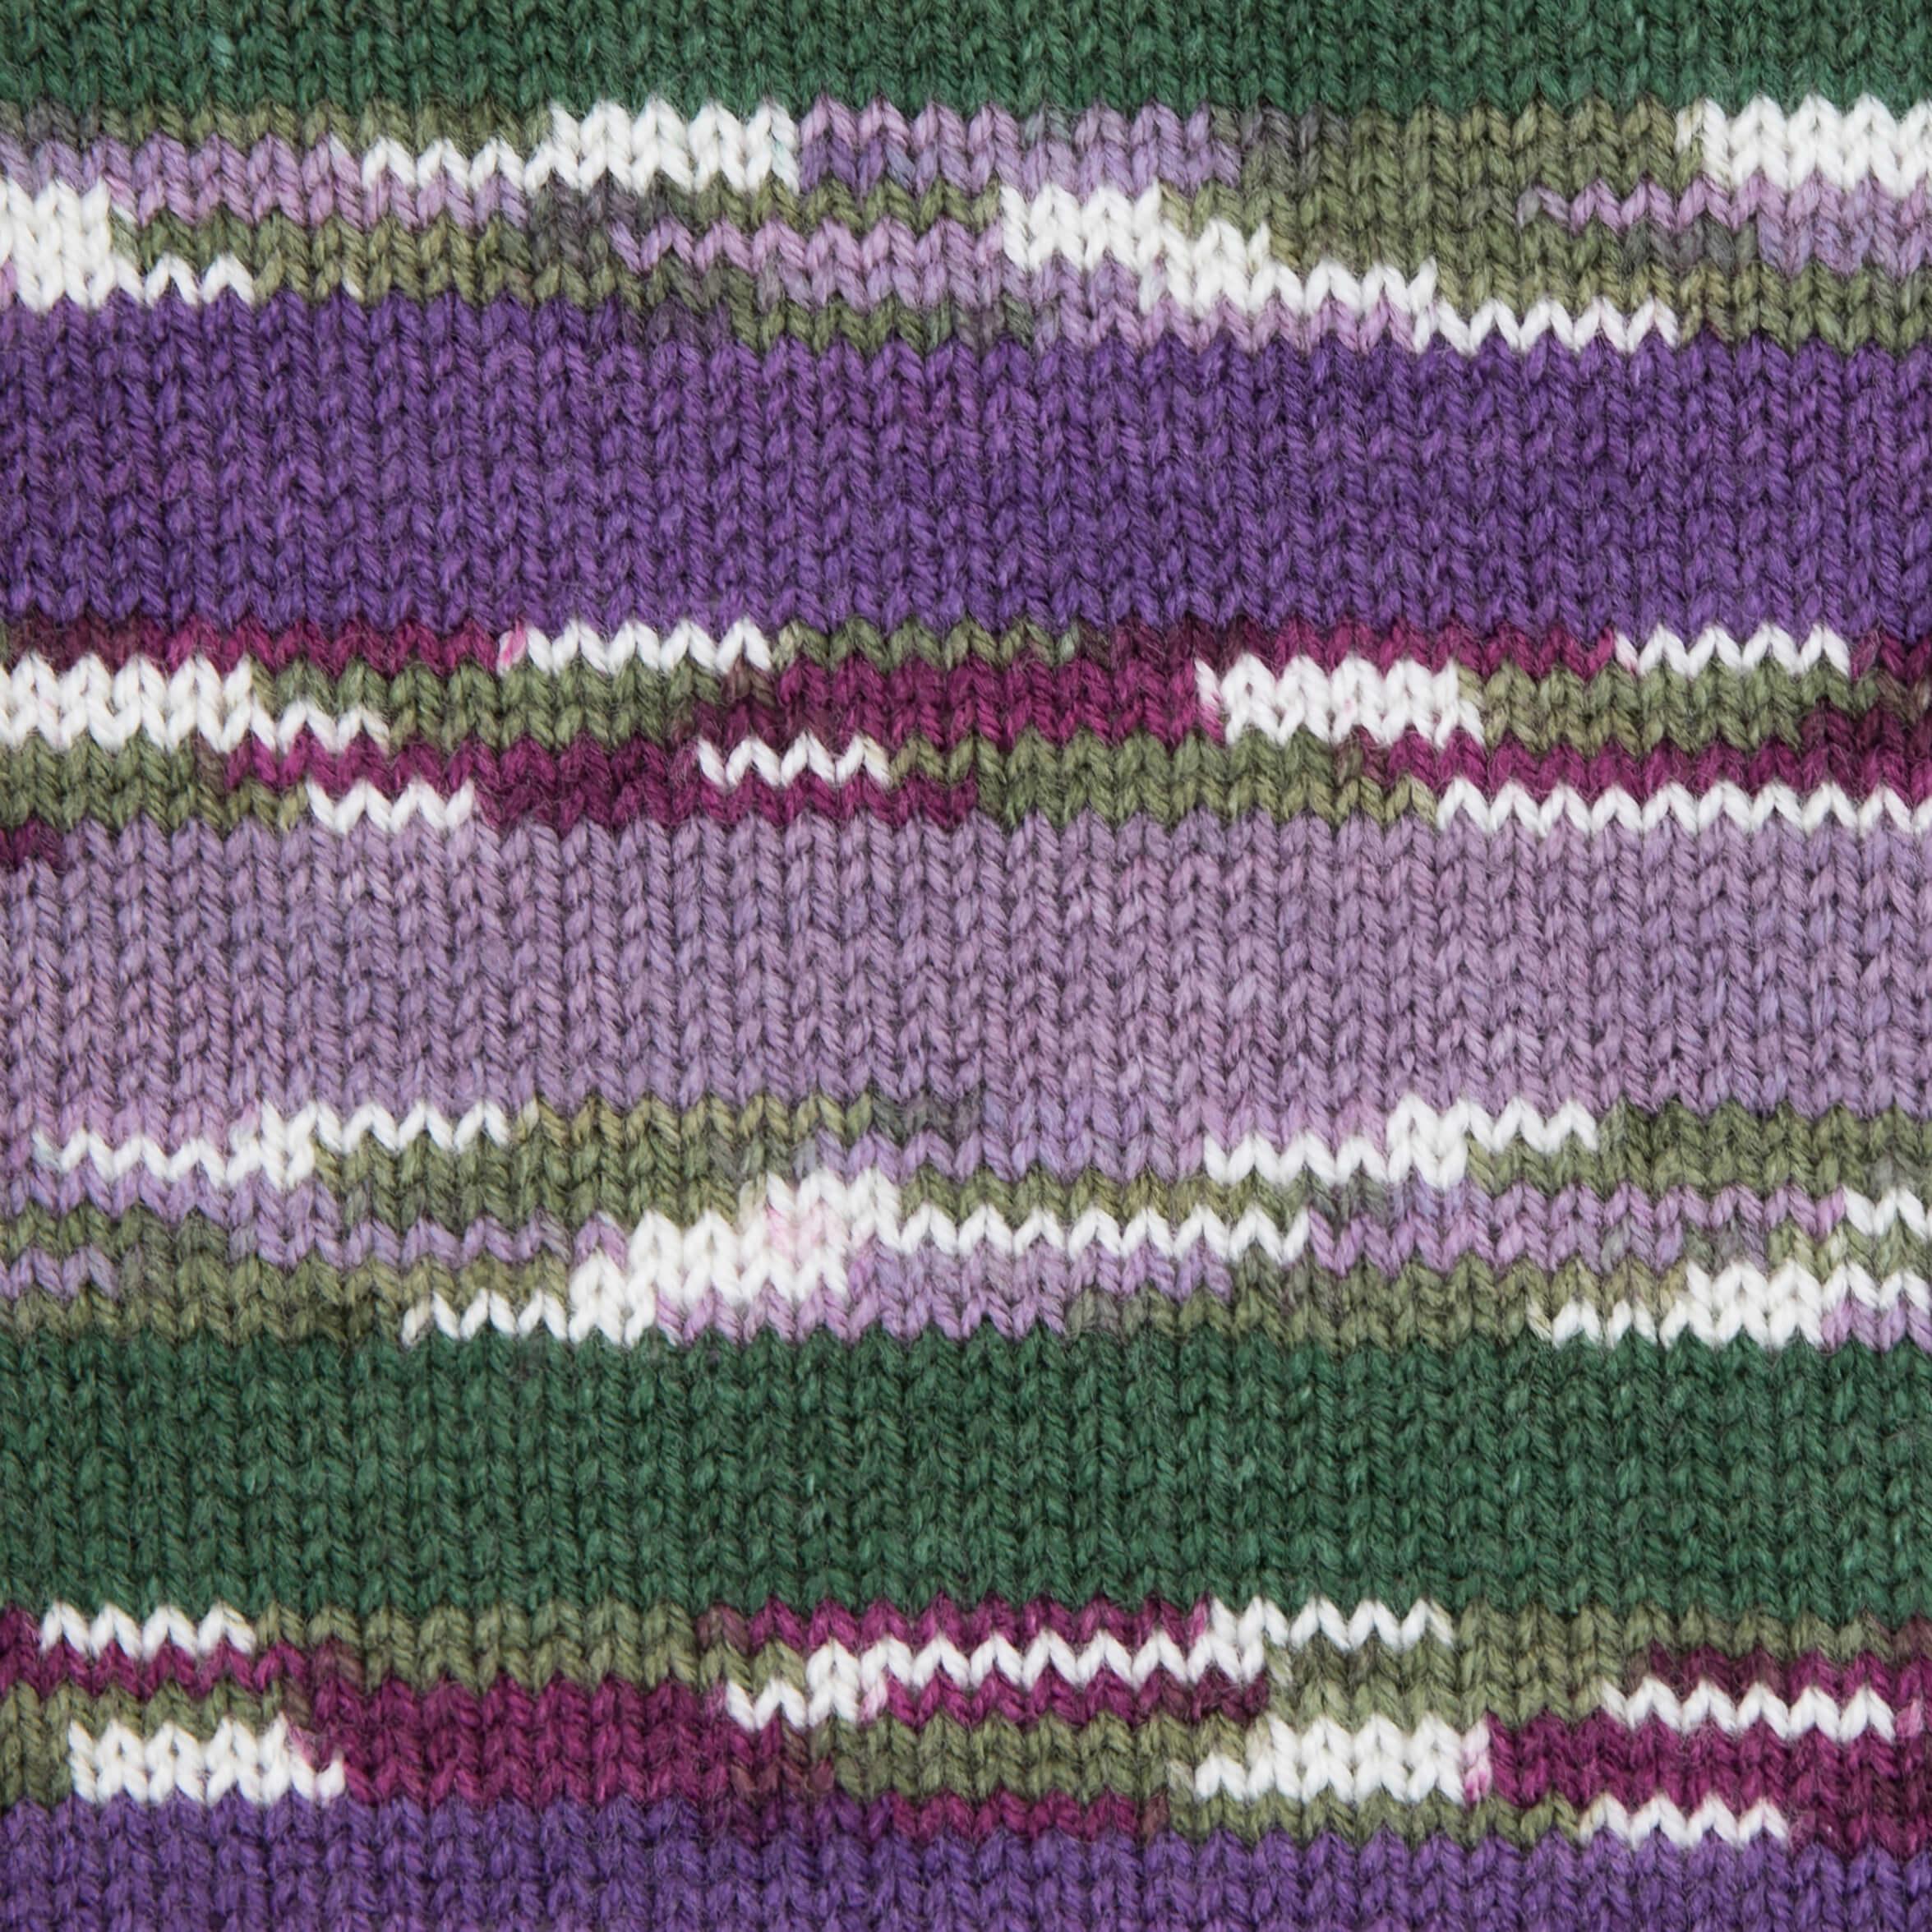 violett-tannengrün-weiß-moosgrün-lavendel